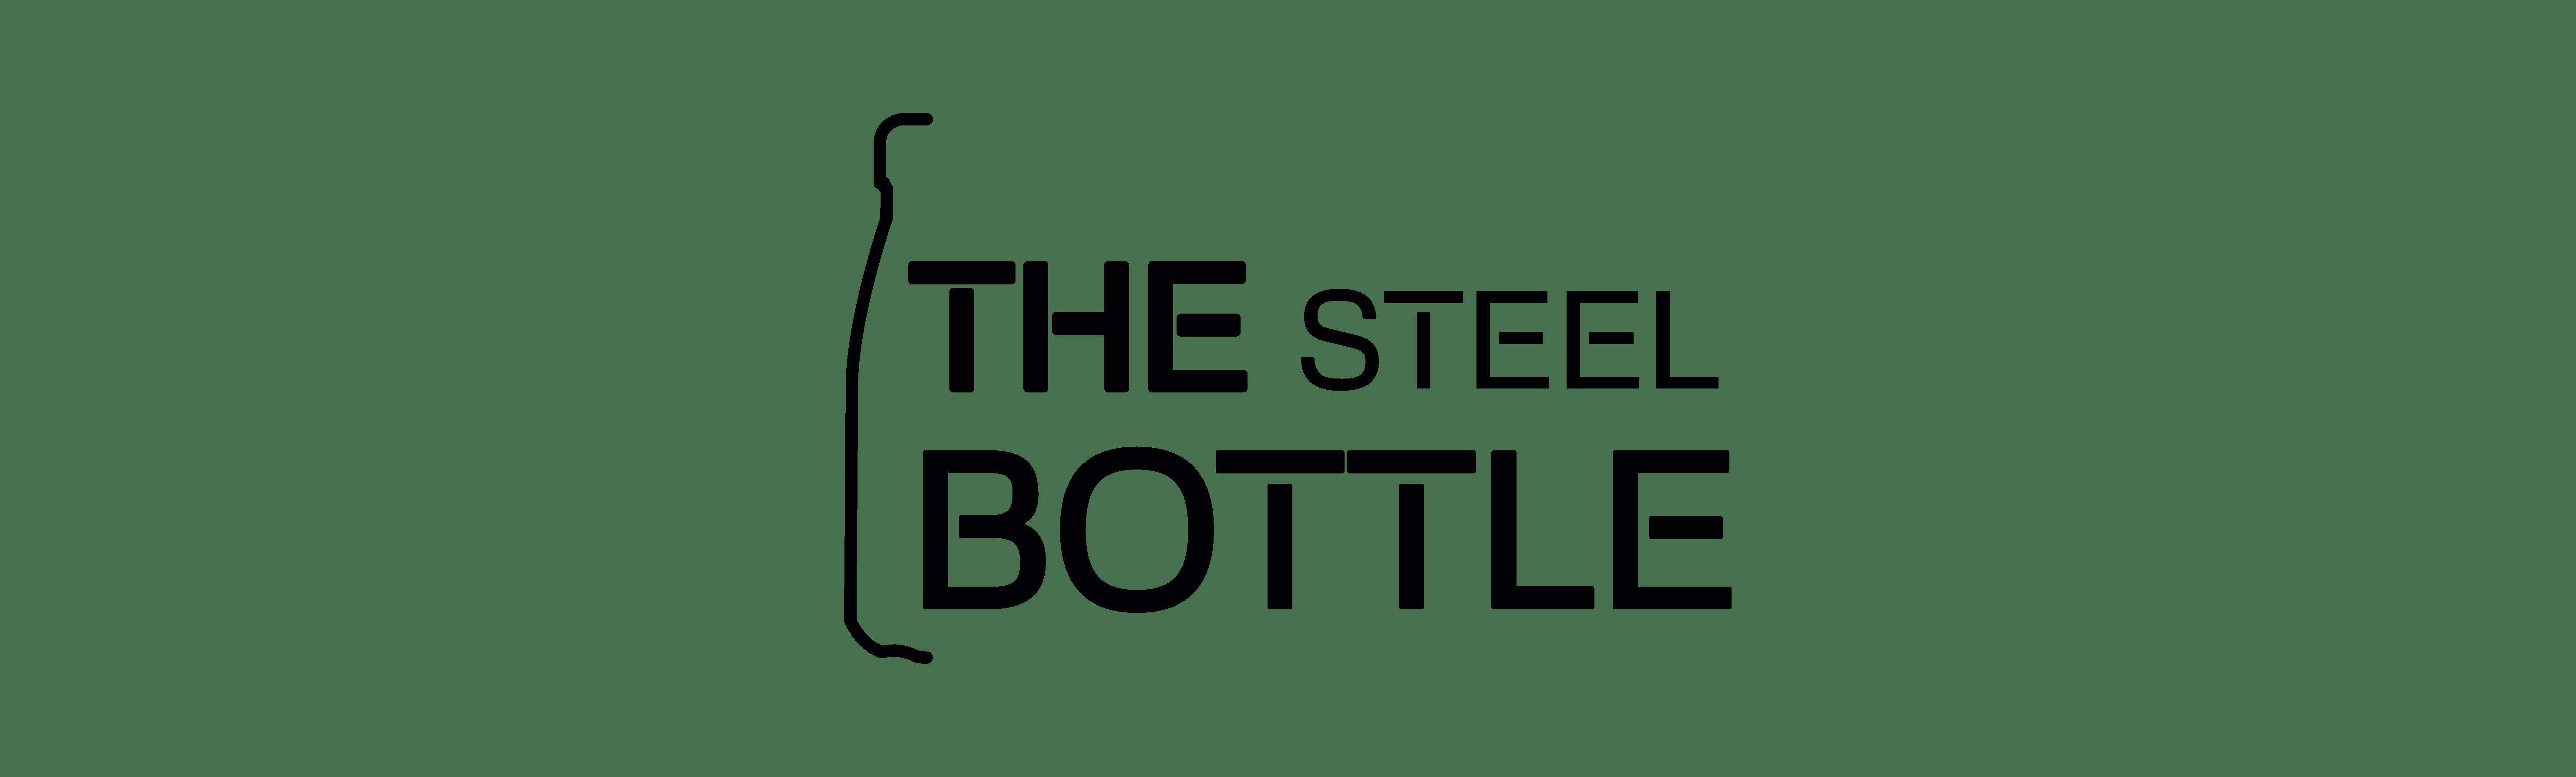 The Steel Bottle